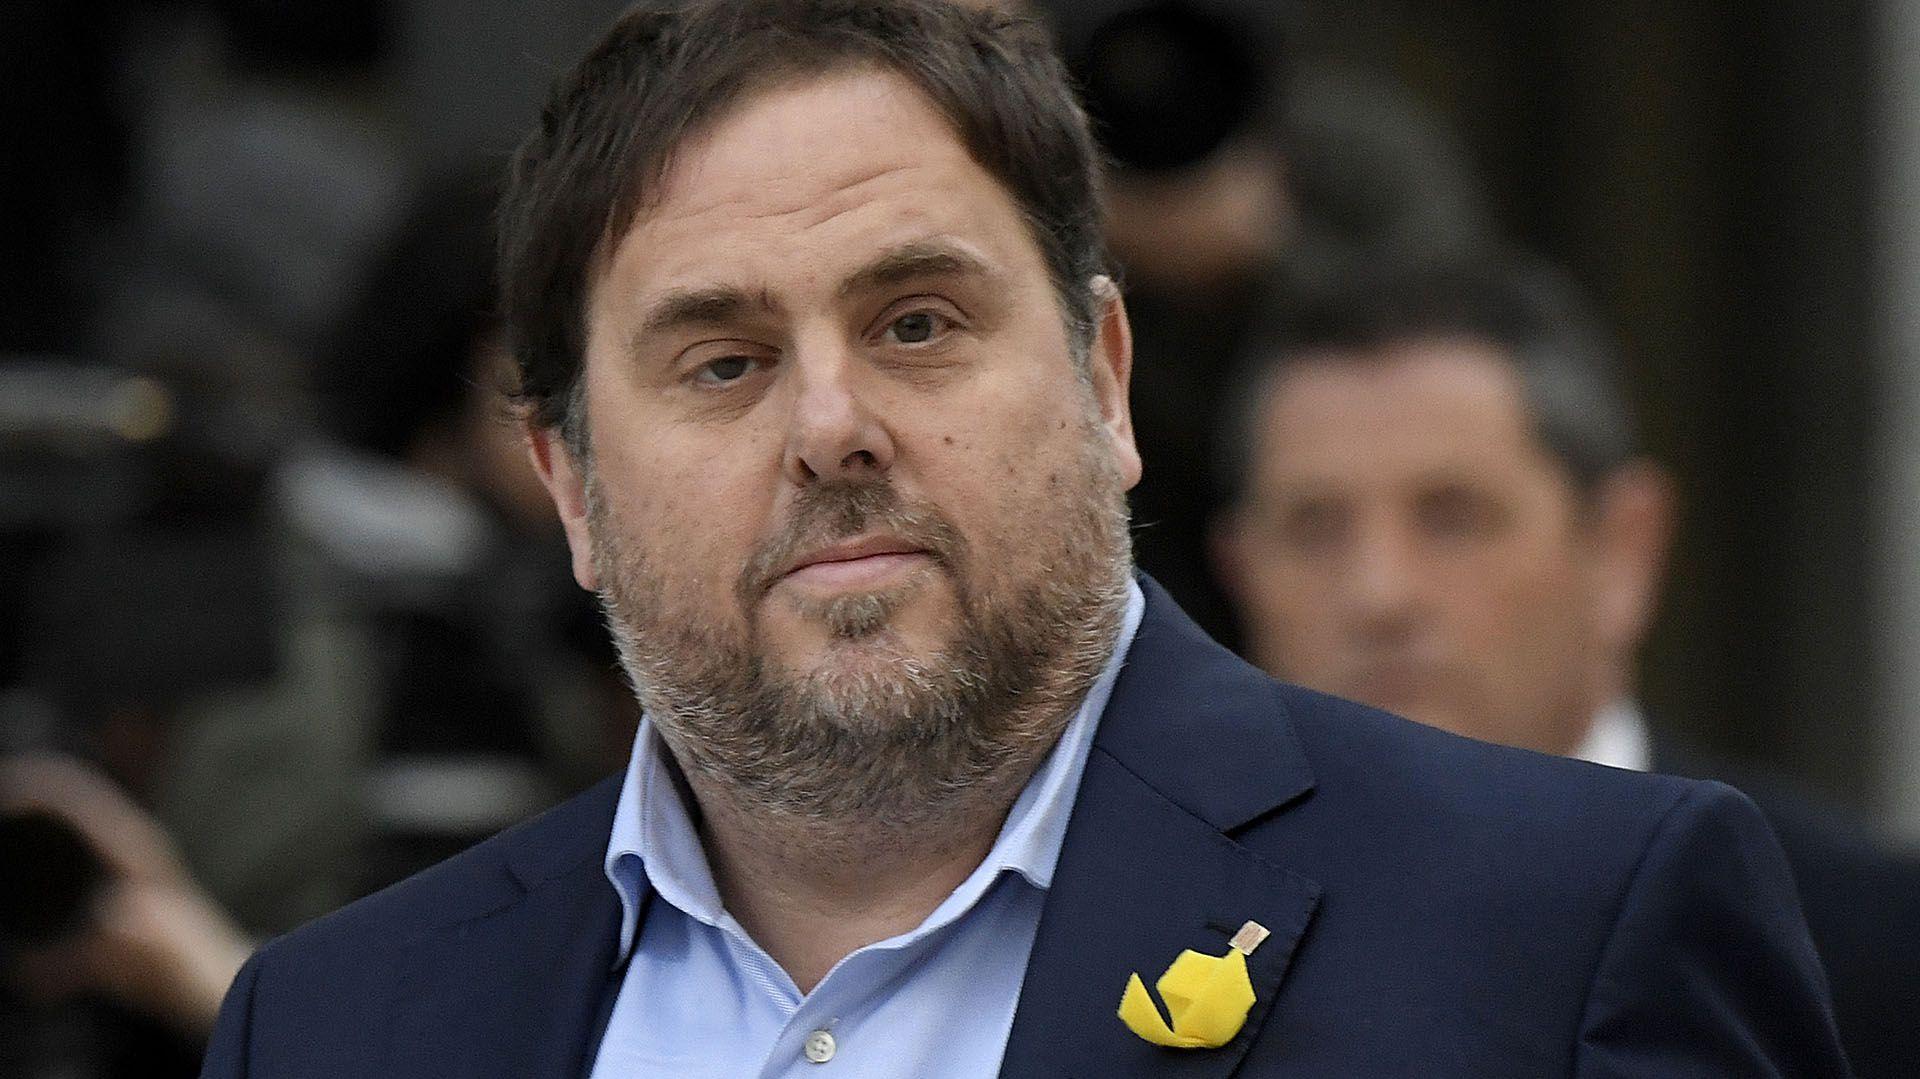 El líder independentista Oriol Junqueras en una foto de 2017. (GABRIEL BOUYS / AFP)